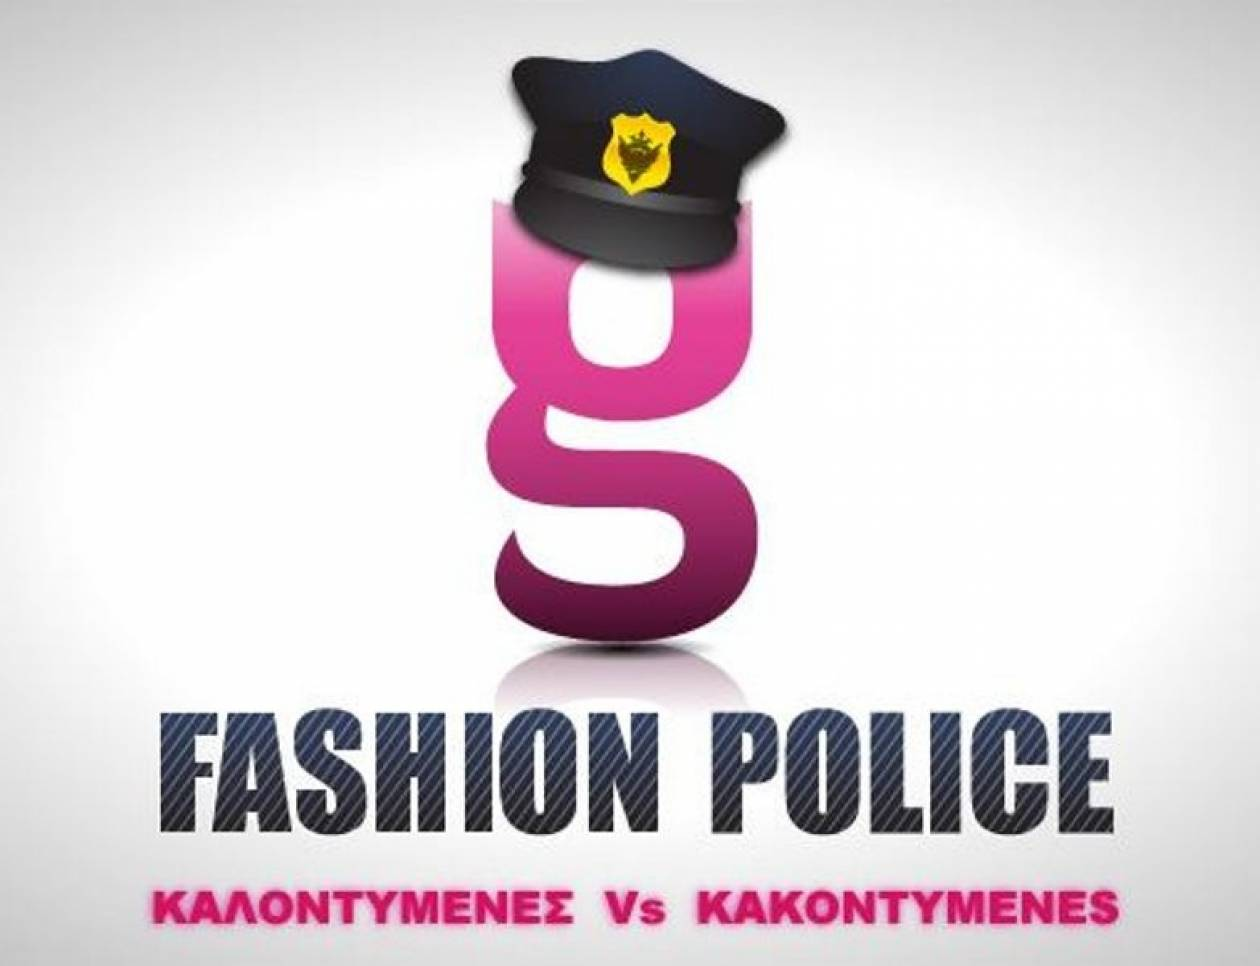 Αστυνομία της μόδας: Καλοντυμένες και Κακοντυμένες